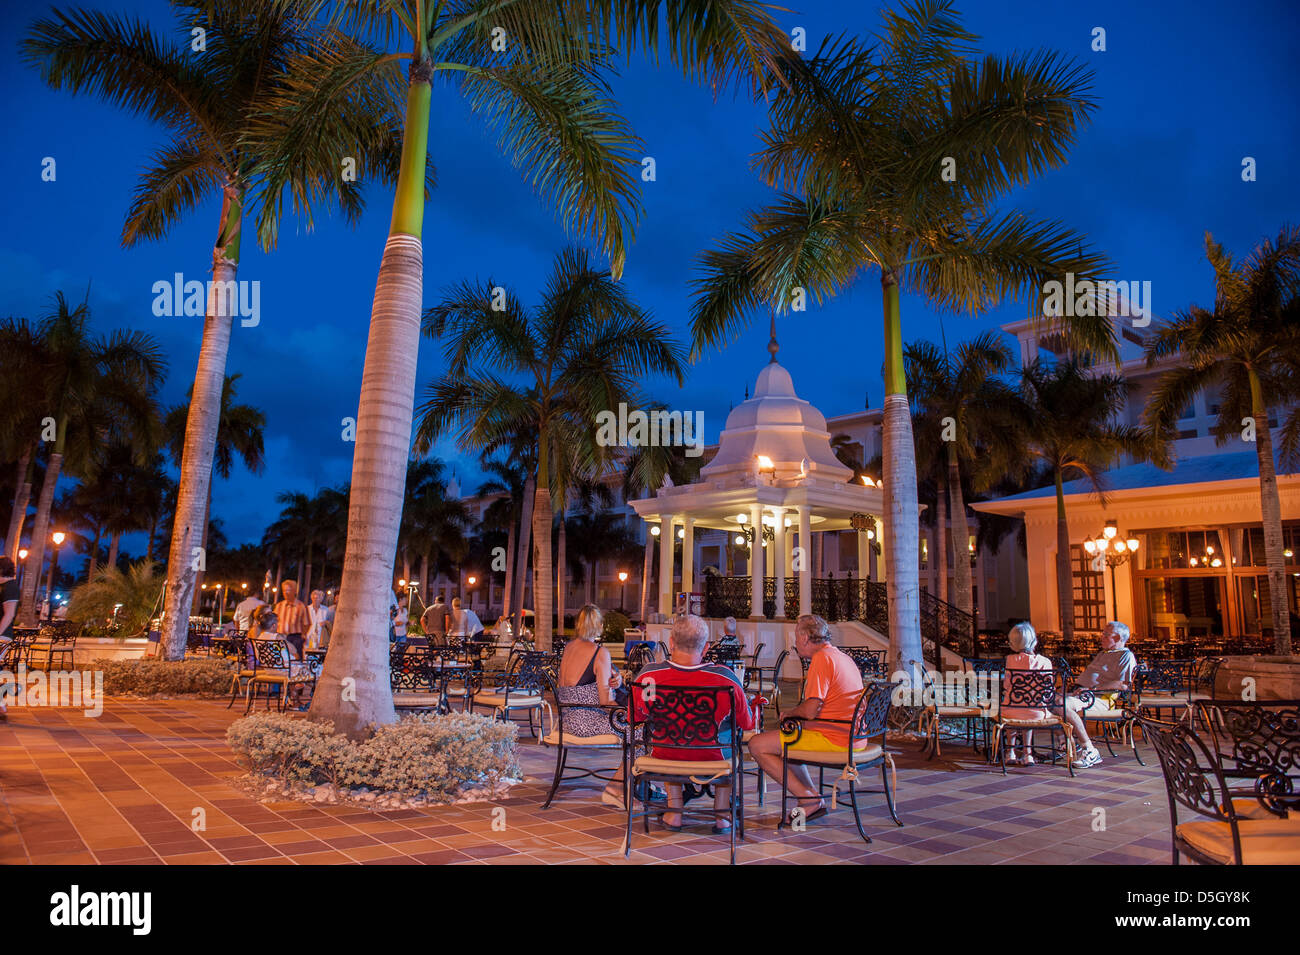 République dominicaine, Punta Cana, Bavaro, Higuey, Riu Palace, les gens se détendre, la place dans la Photo Stock